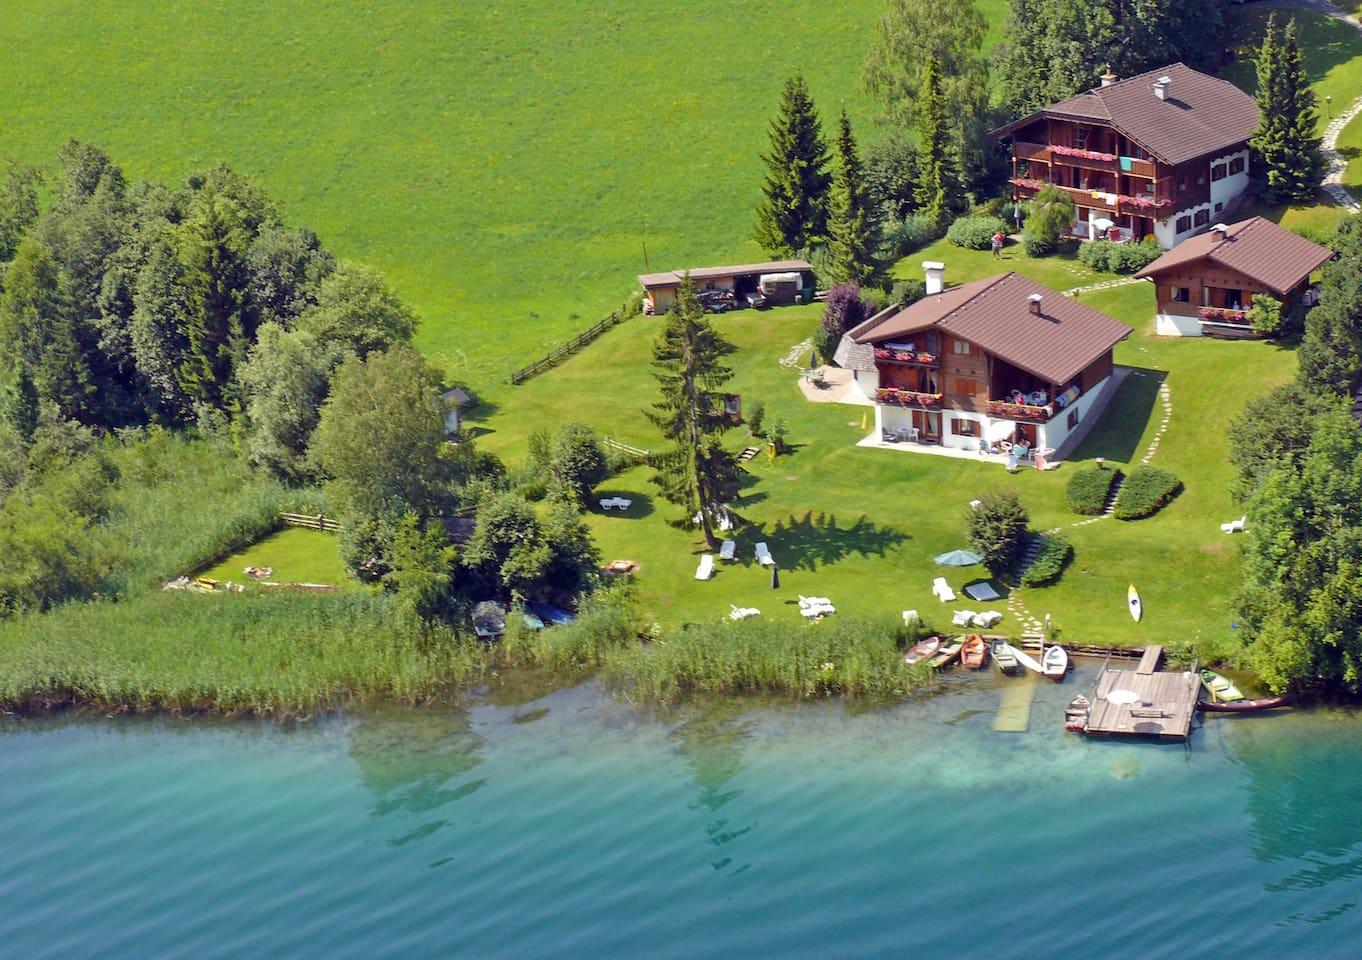 Märchenhafte Anlage   Chalets Zöhrer - Wohnen am Wasser, Ferienwohnungen direkt am See (Weissensee, Kärnten,  Österreich), apartments, directly at the lake